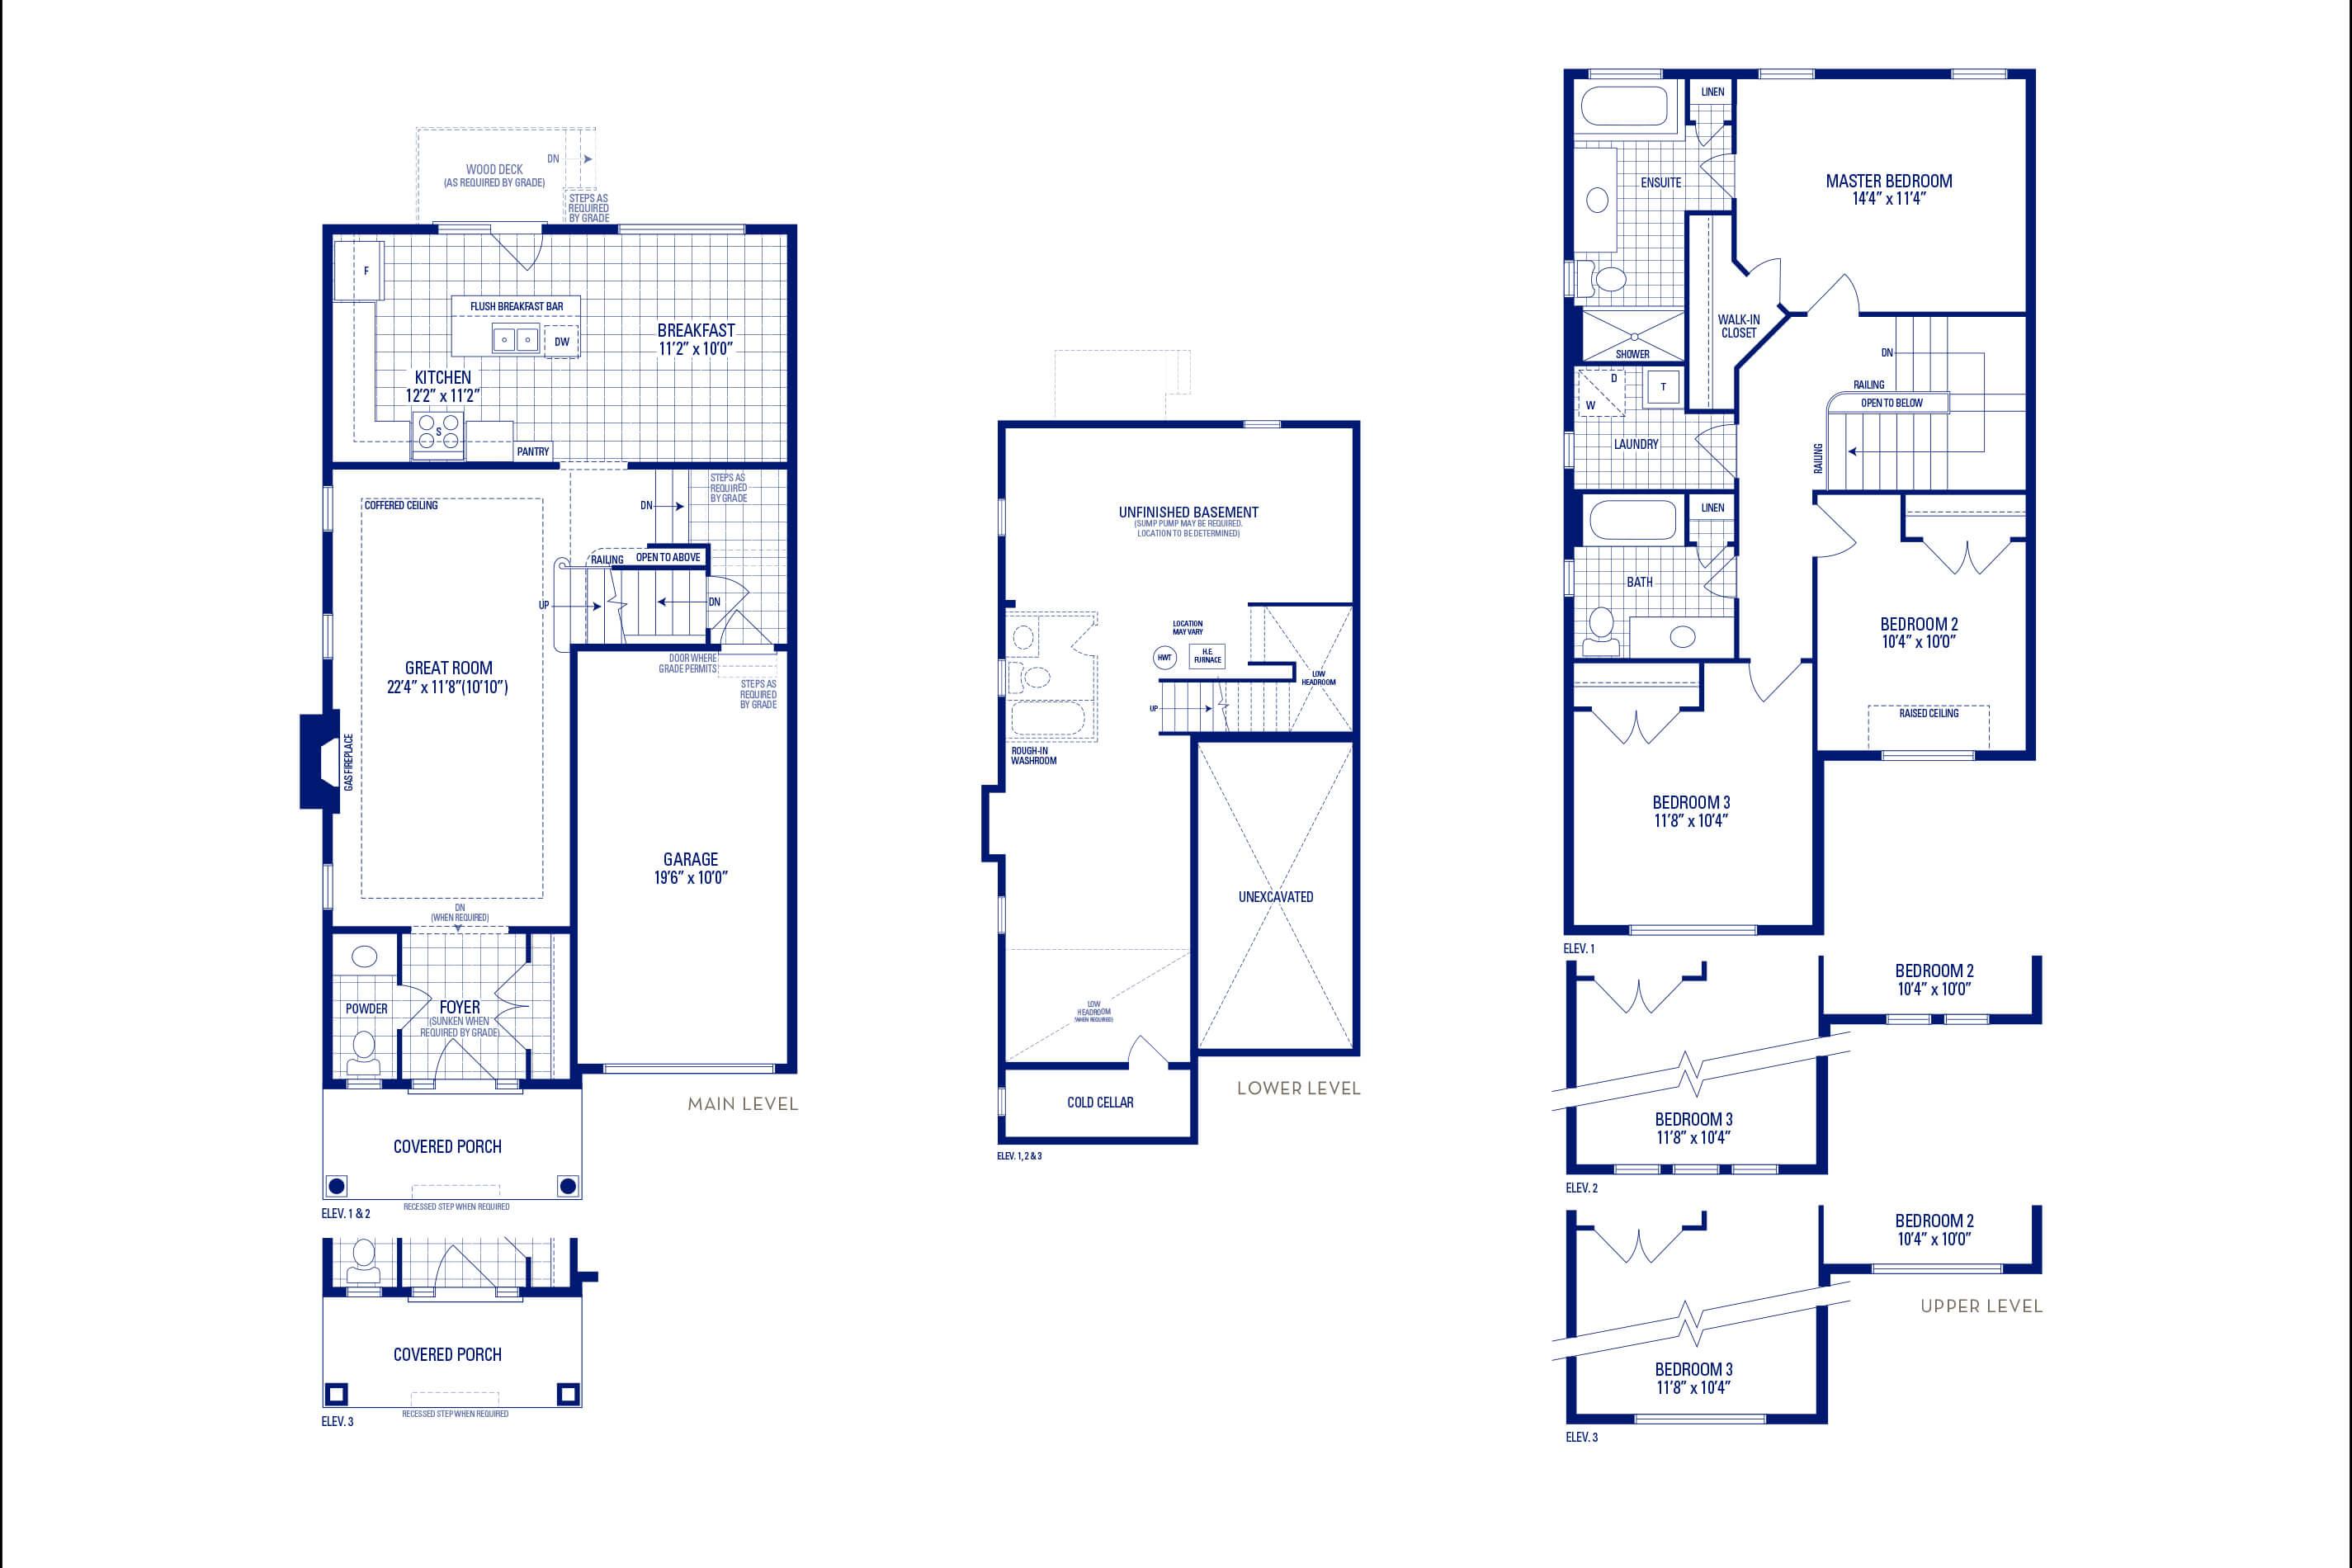 Heritage 1 Elev. 2 Floorplan Thumbnail